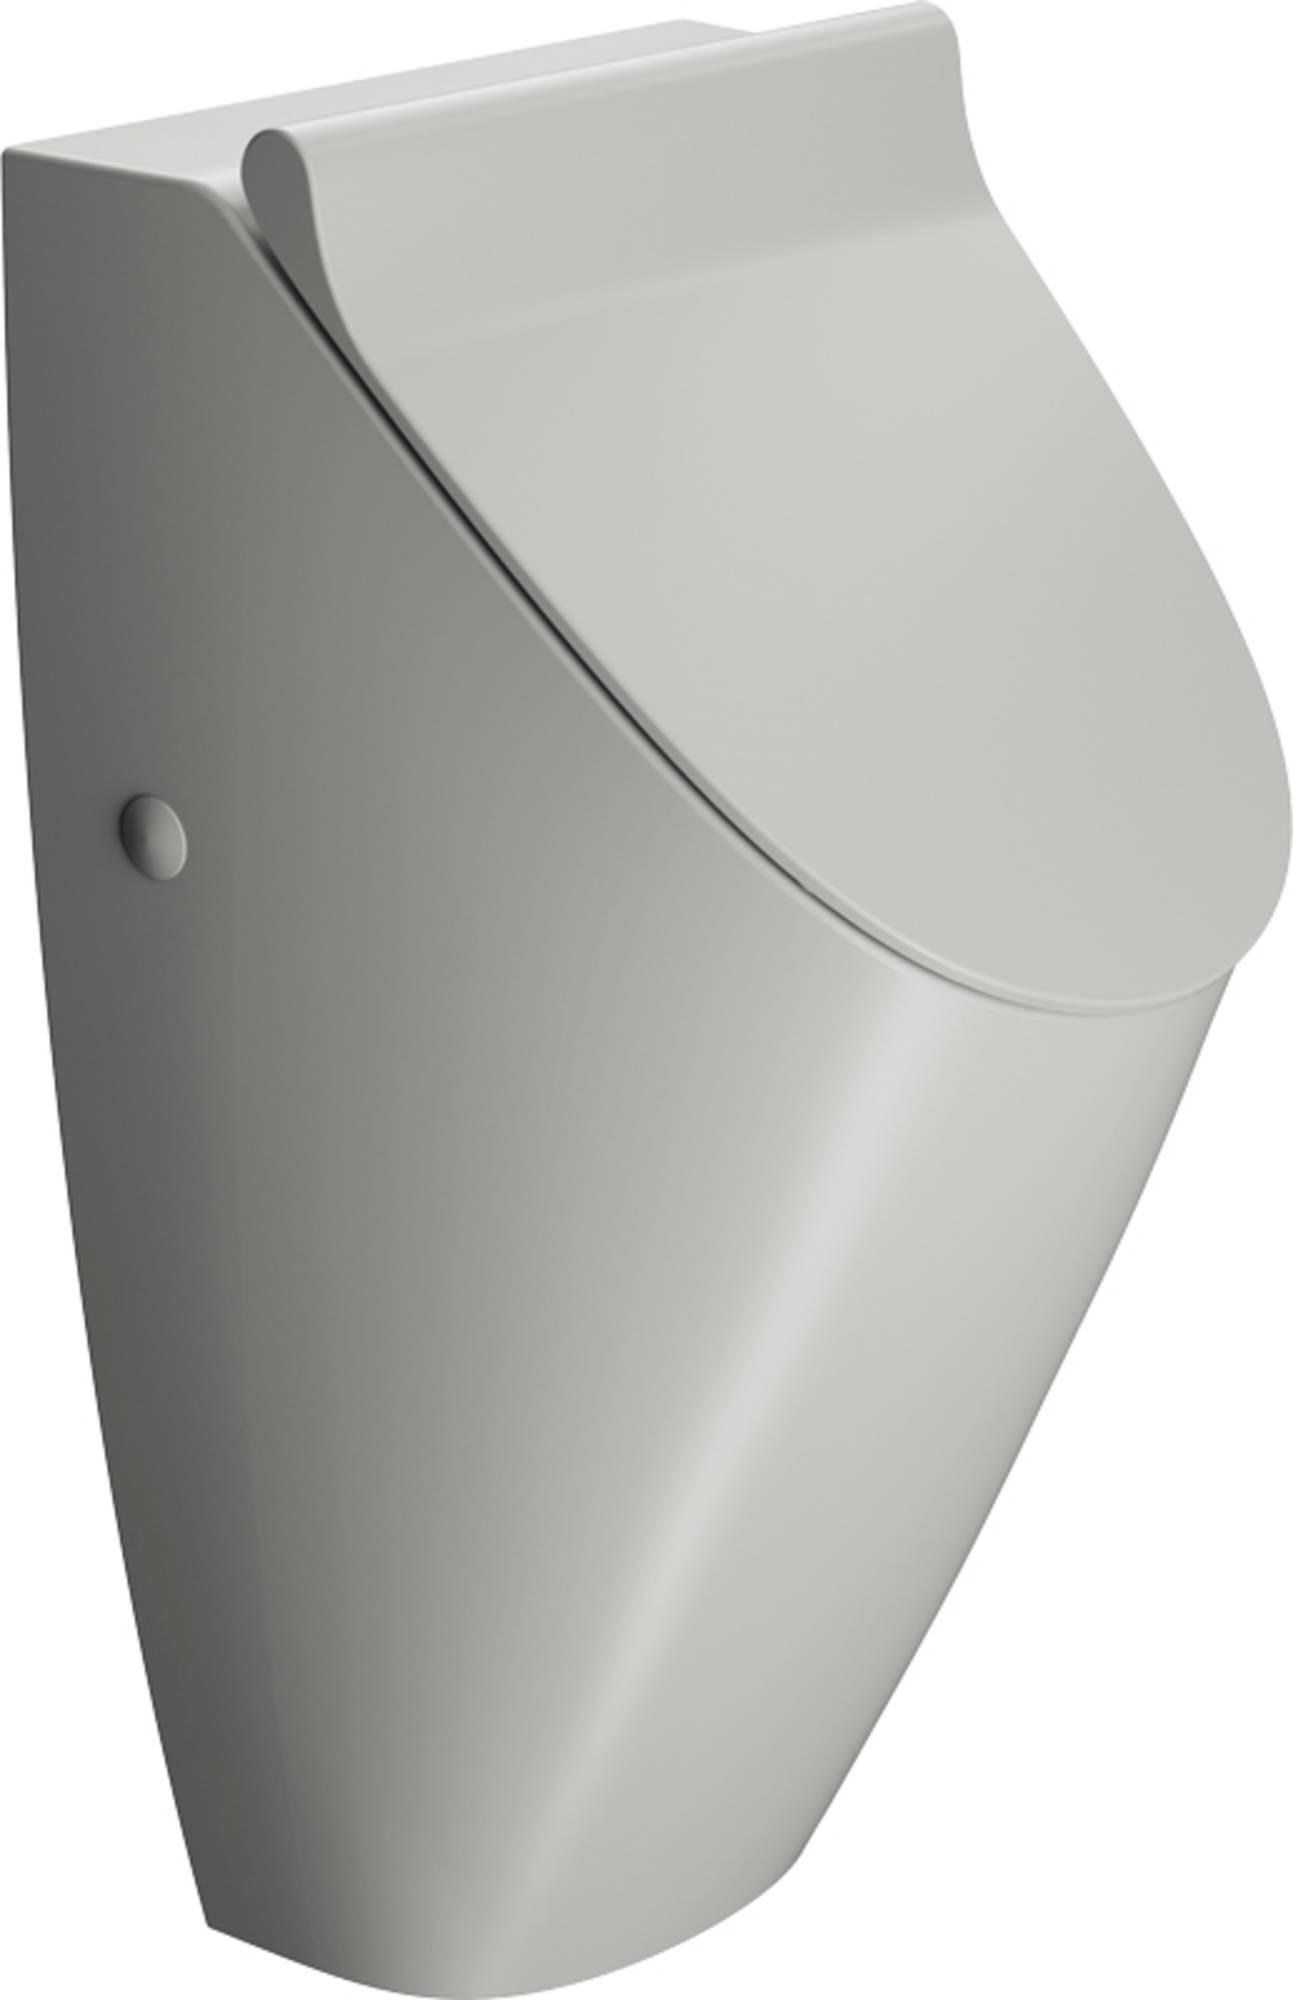 Ben Stilo Urinoir 31x35x65 cm geschikt voor deksel Cement Grijs